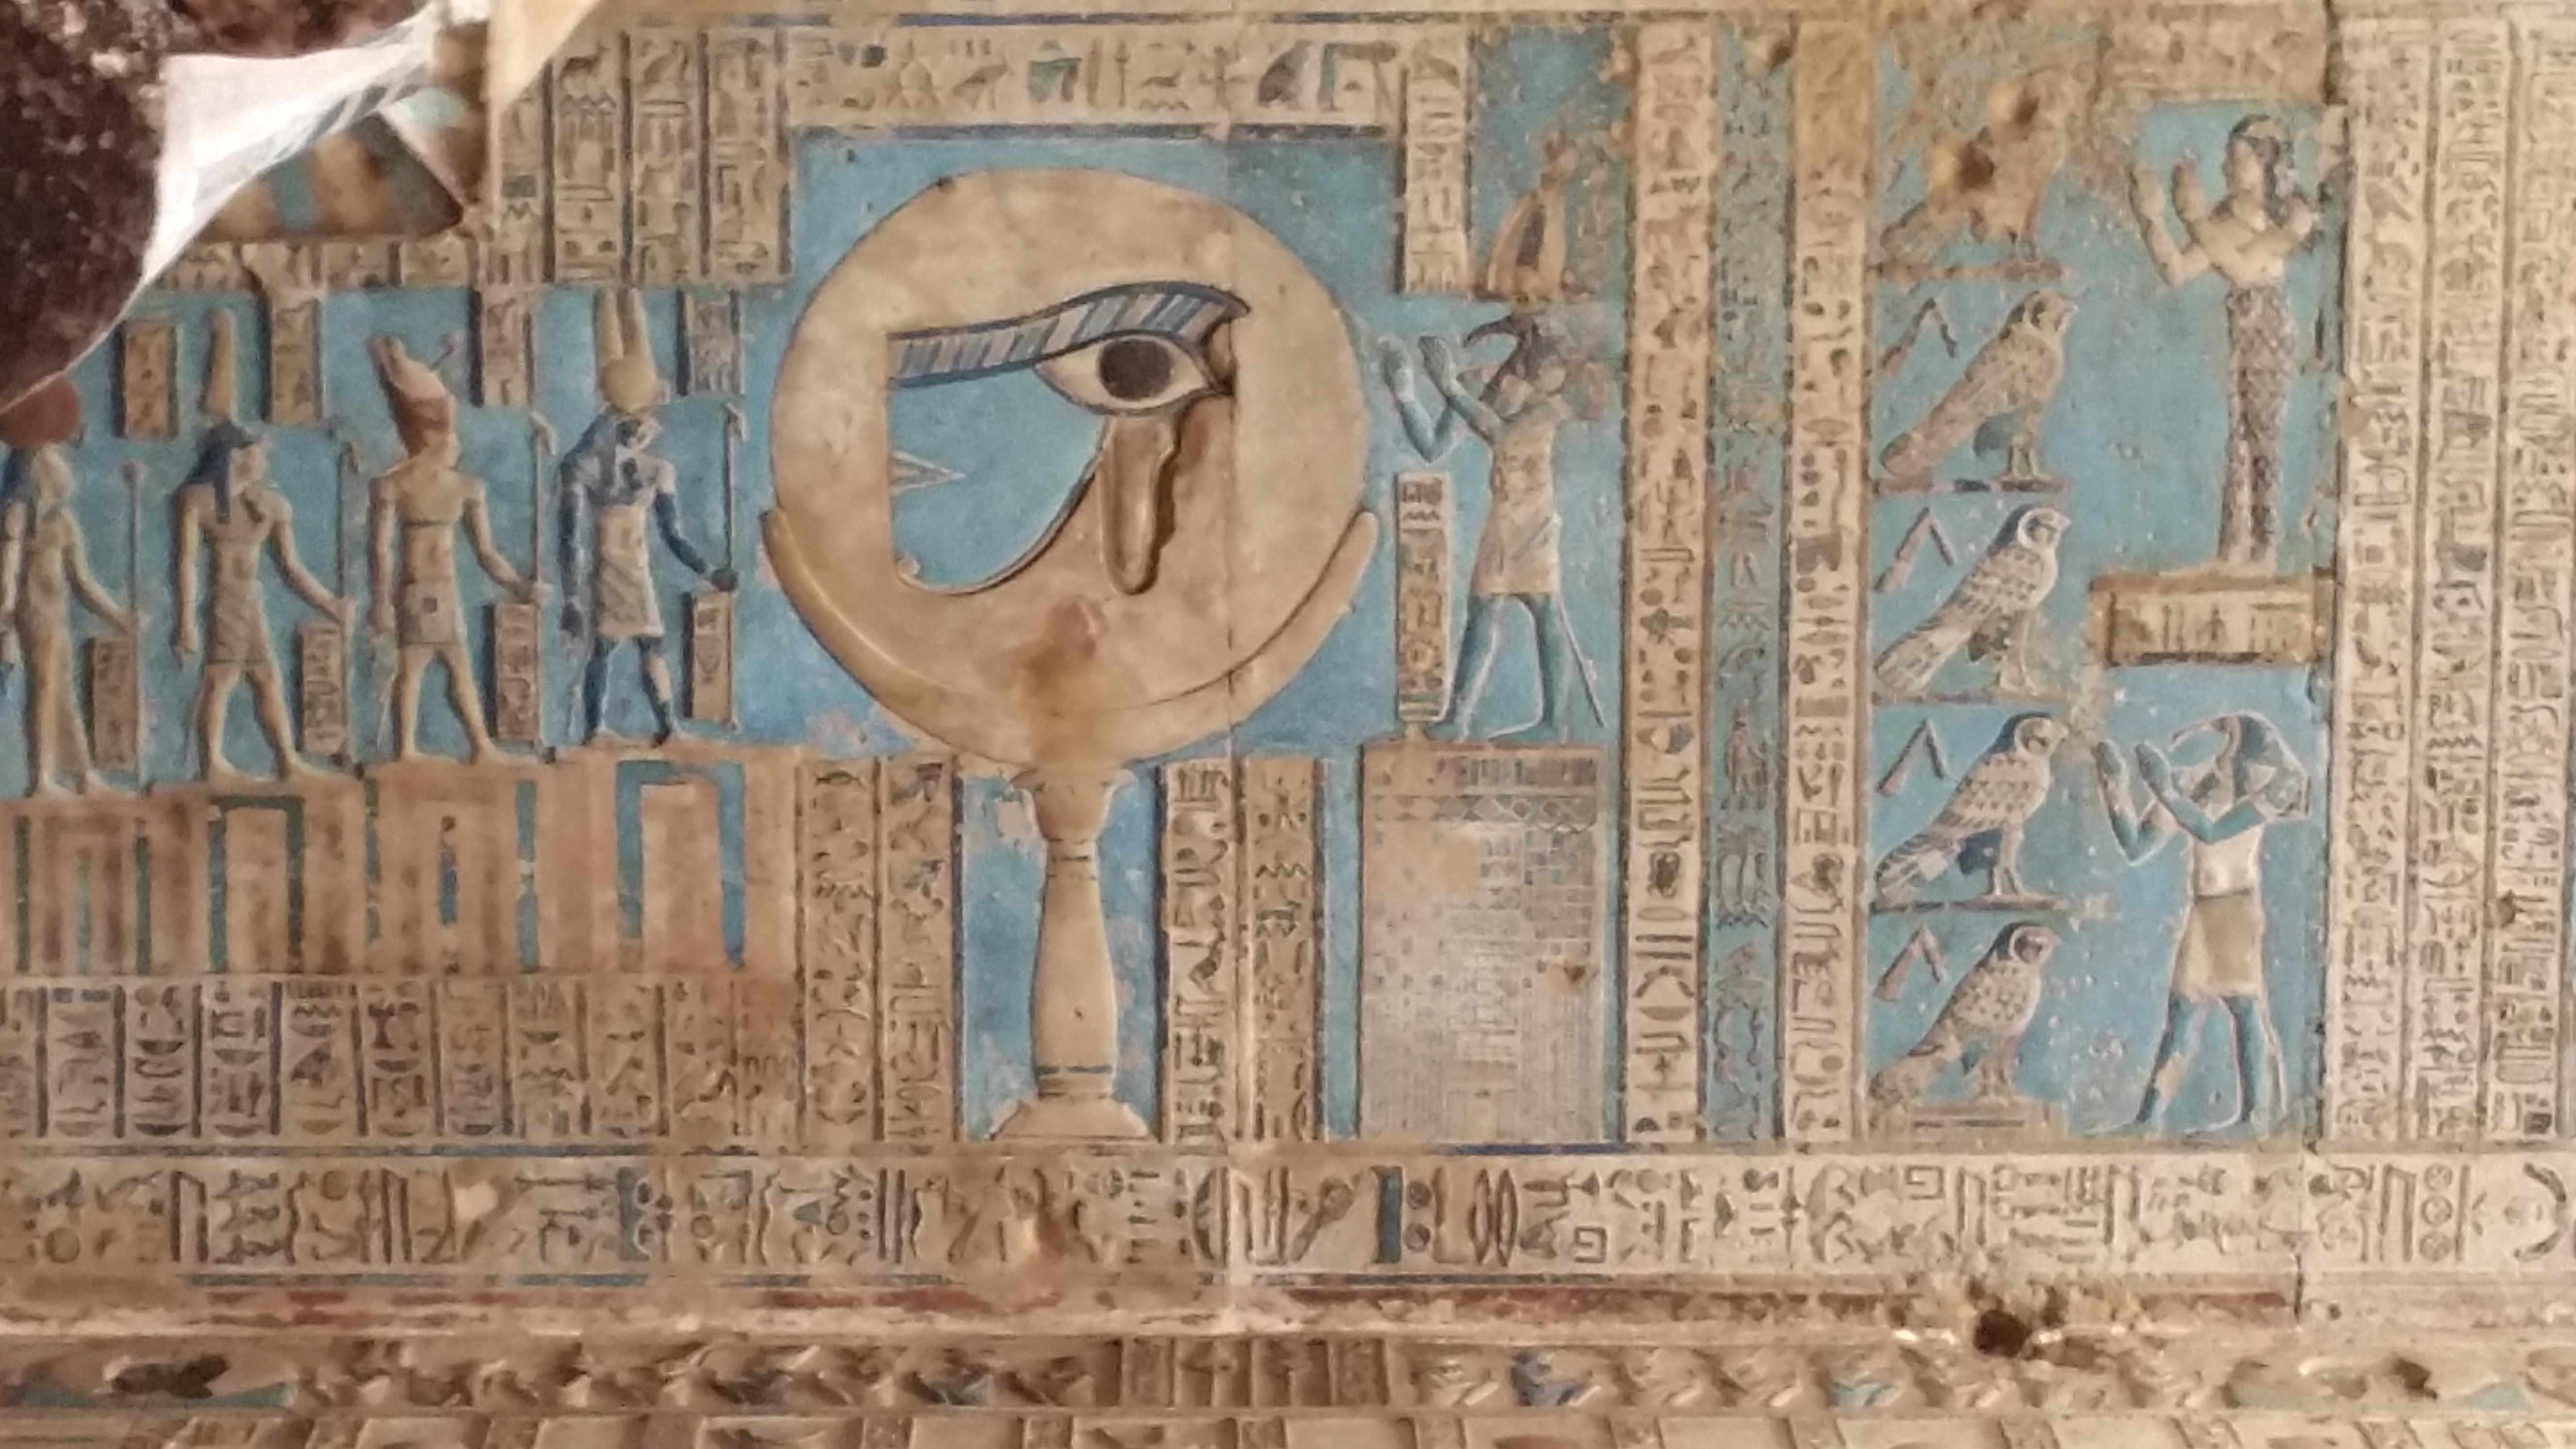 Ägypten-das Land der Pharaonen…5 Abydos/Dendera